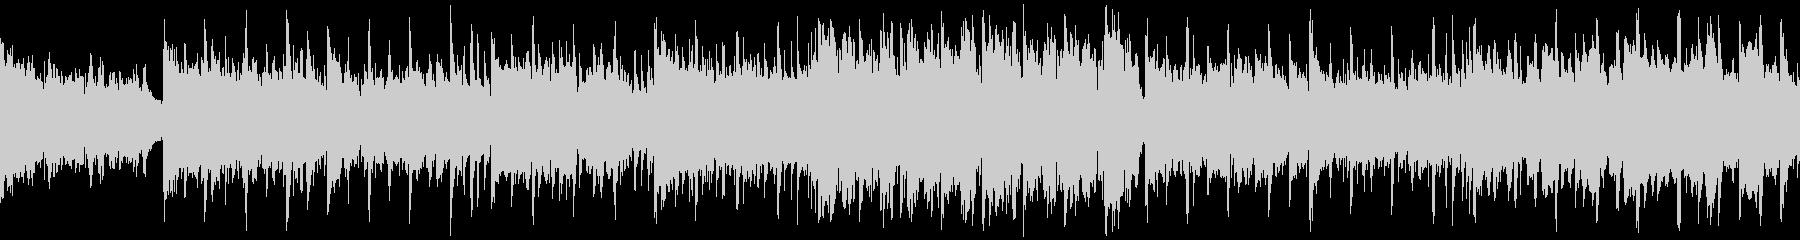 アコギのアシッドジャズ【ループ素材系】の未再生の波形